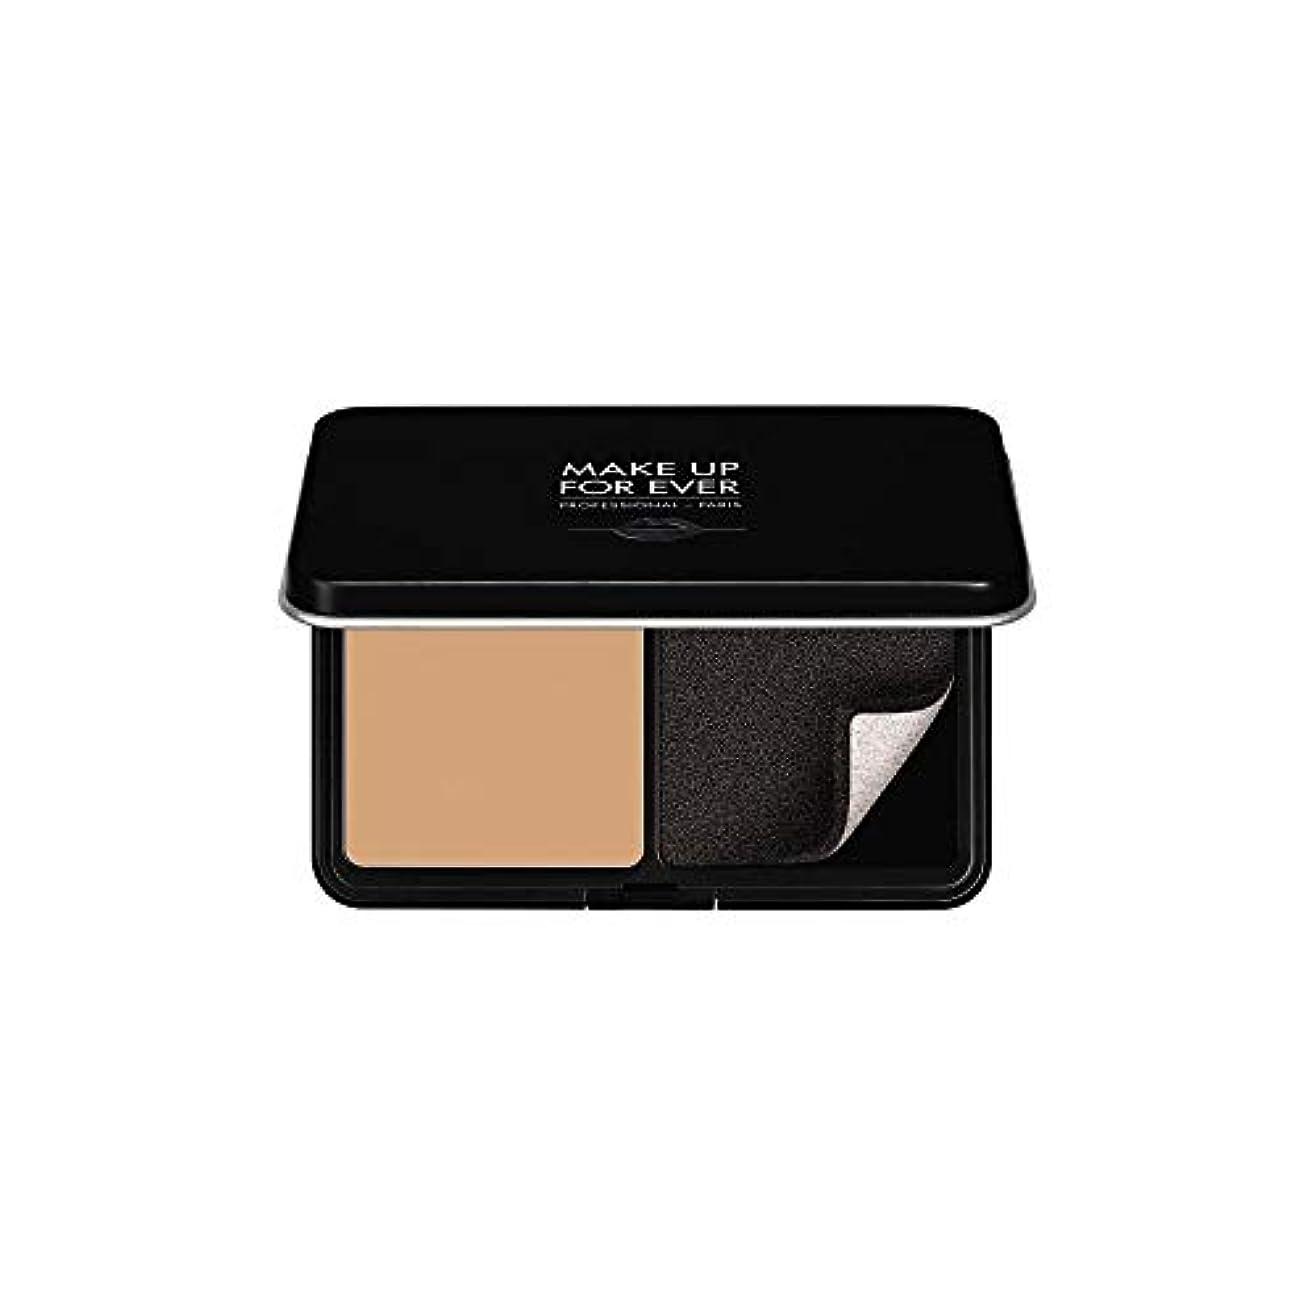 経験オフ知覚メイクアップフォーエバー Matte Velvet Skin Blurring Powder Foundation - # R330 (Warm Ivory) 11g/0.38oz並行輸入品